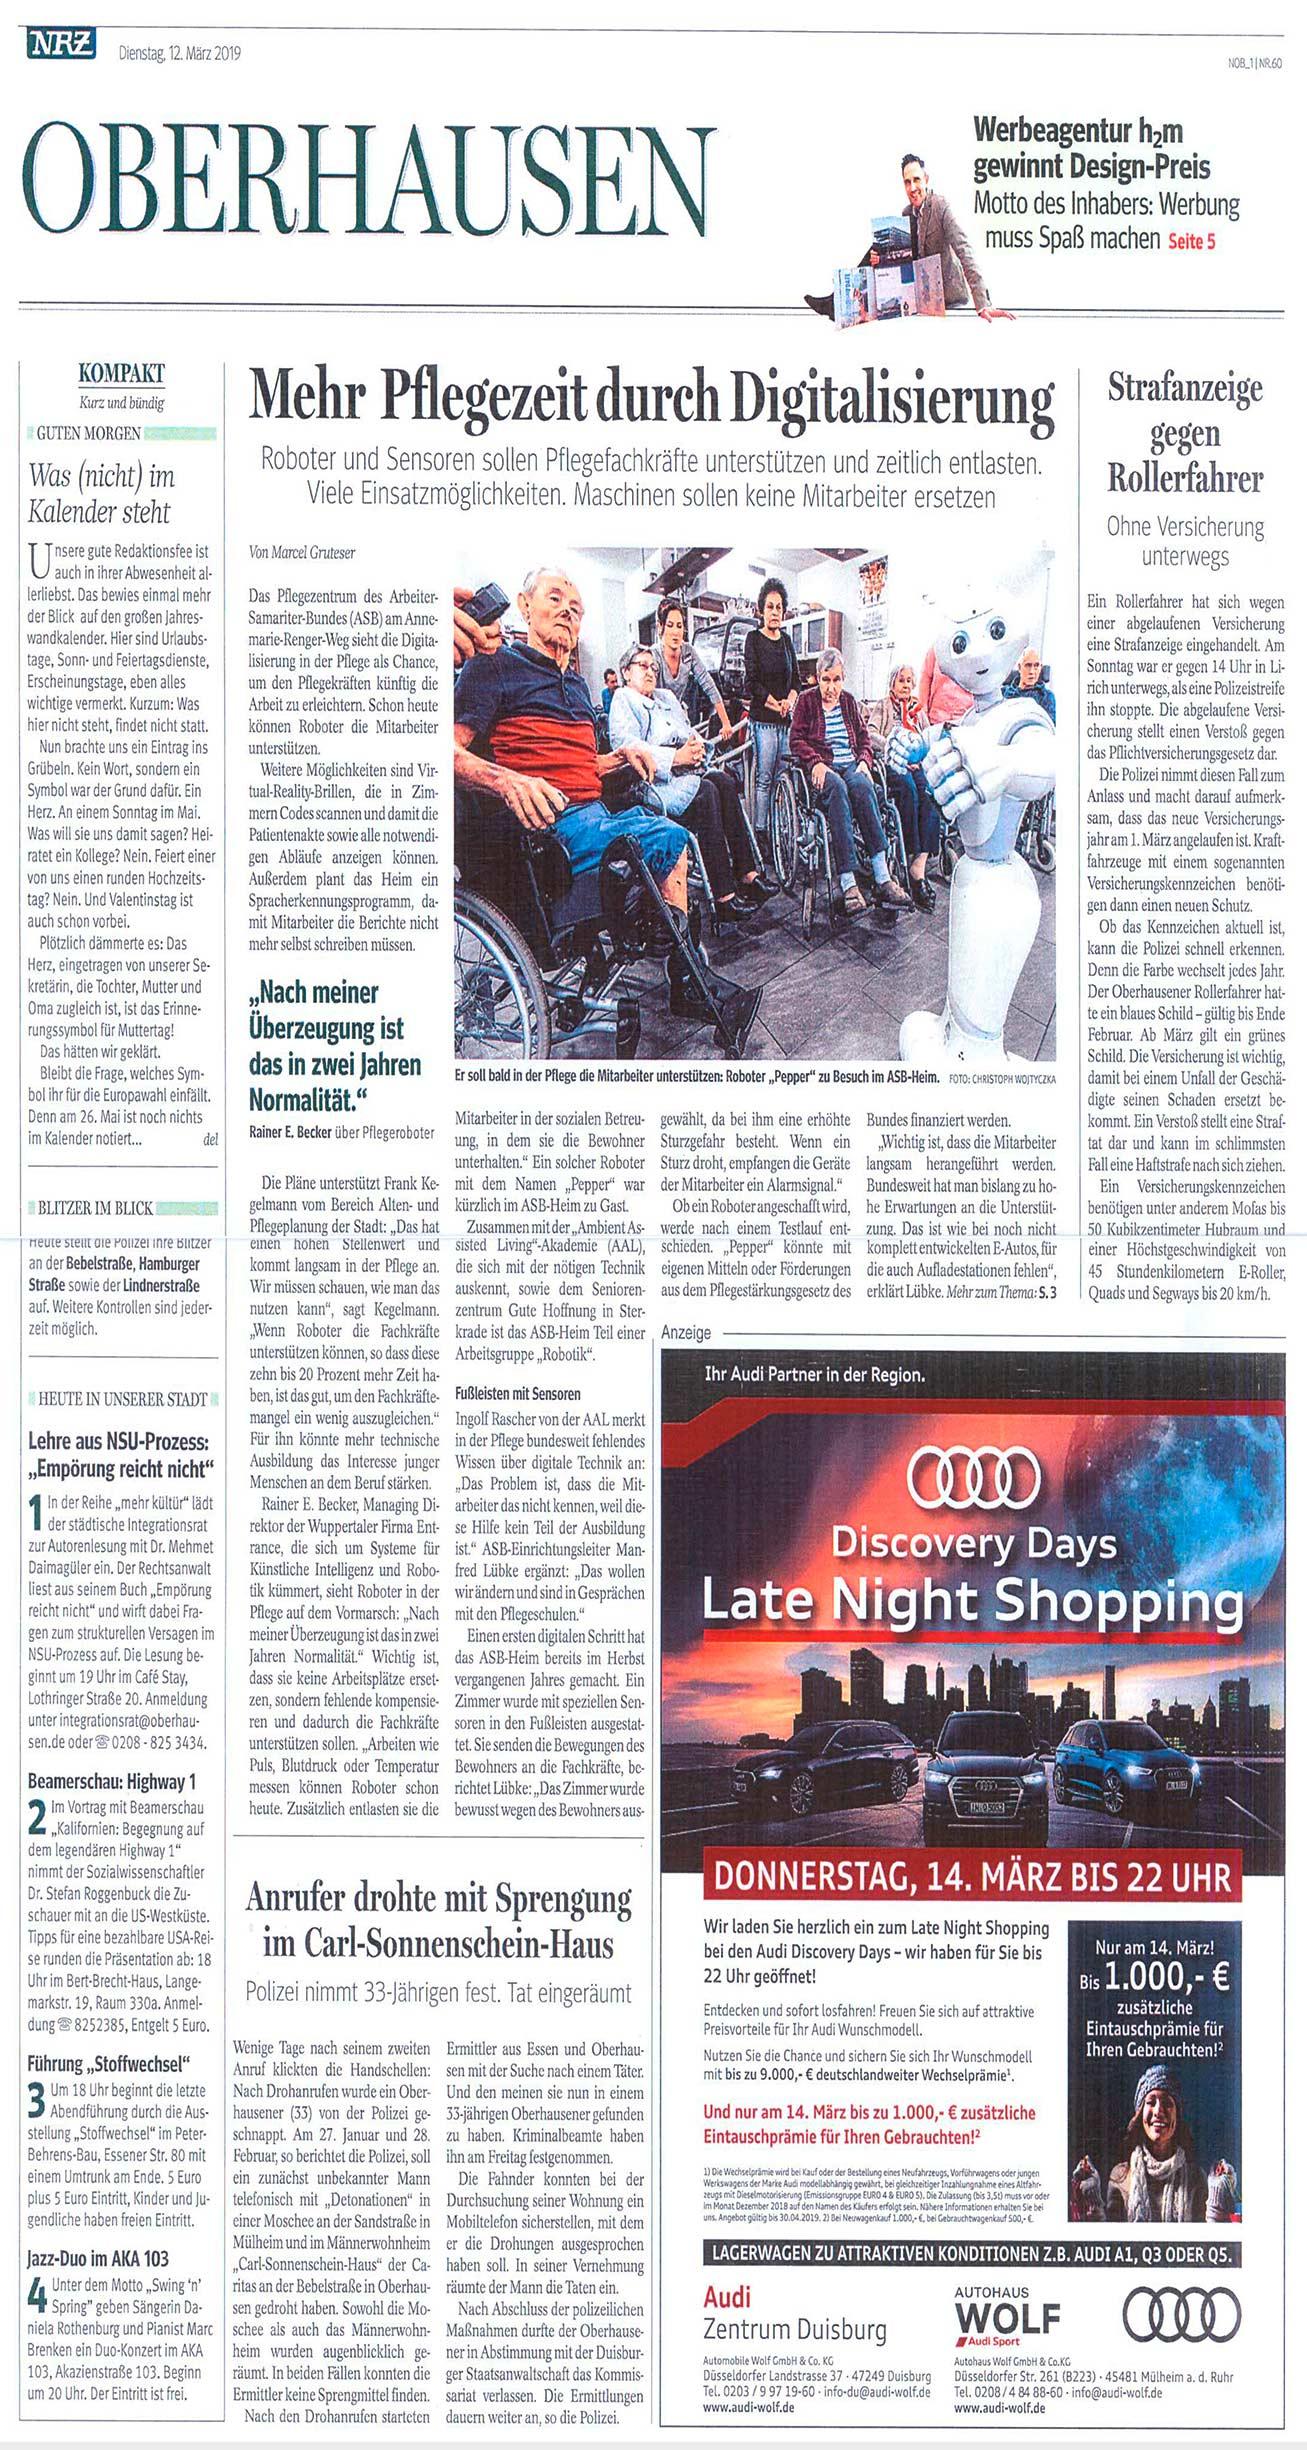 Mehr Pflegezeit duch Digitalisierung - NRZ